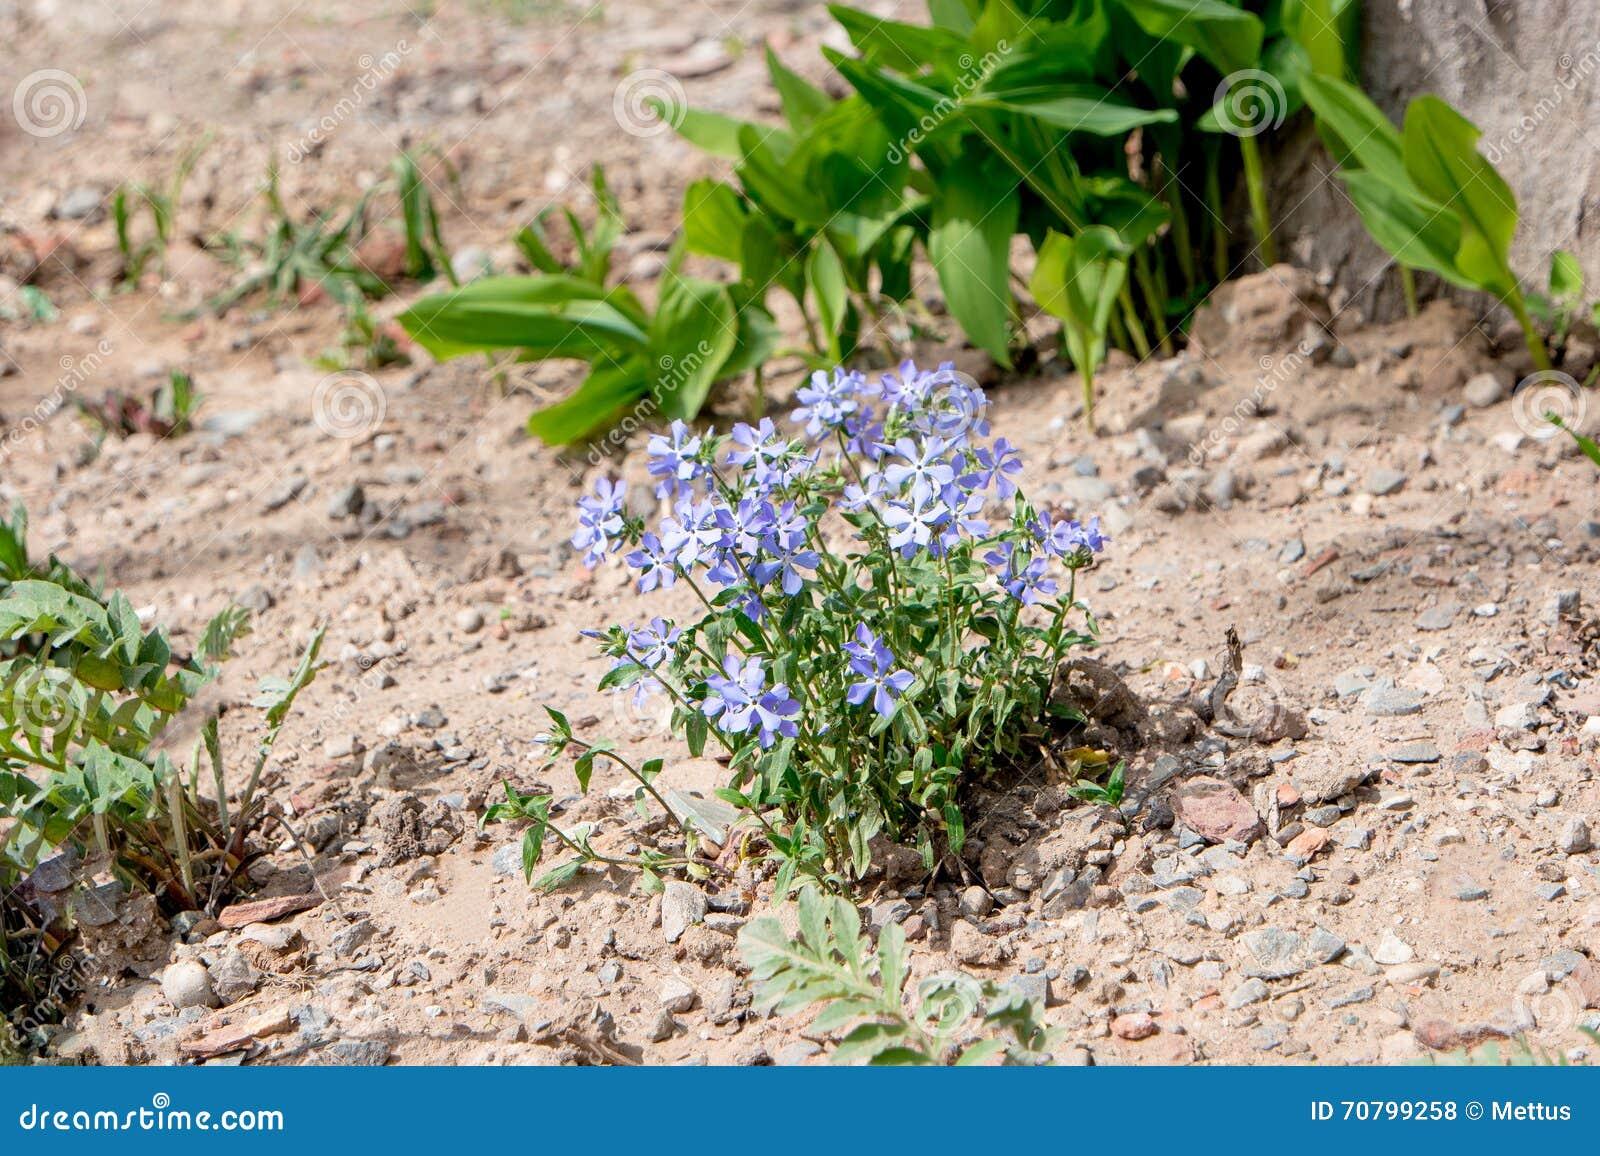 Petites fleurs bleues dans le sol sec du jardin photo for Fleurs dans le jardin